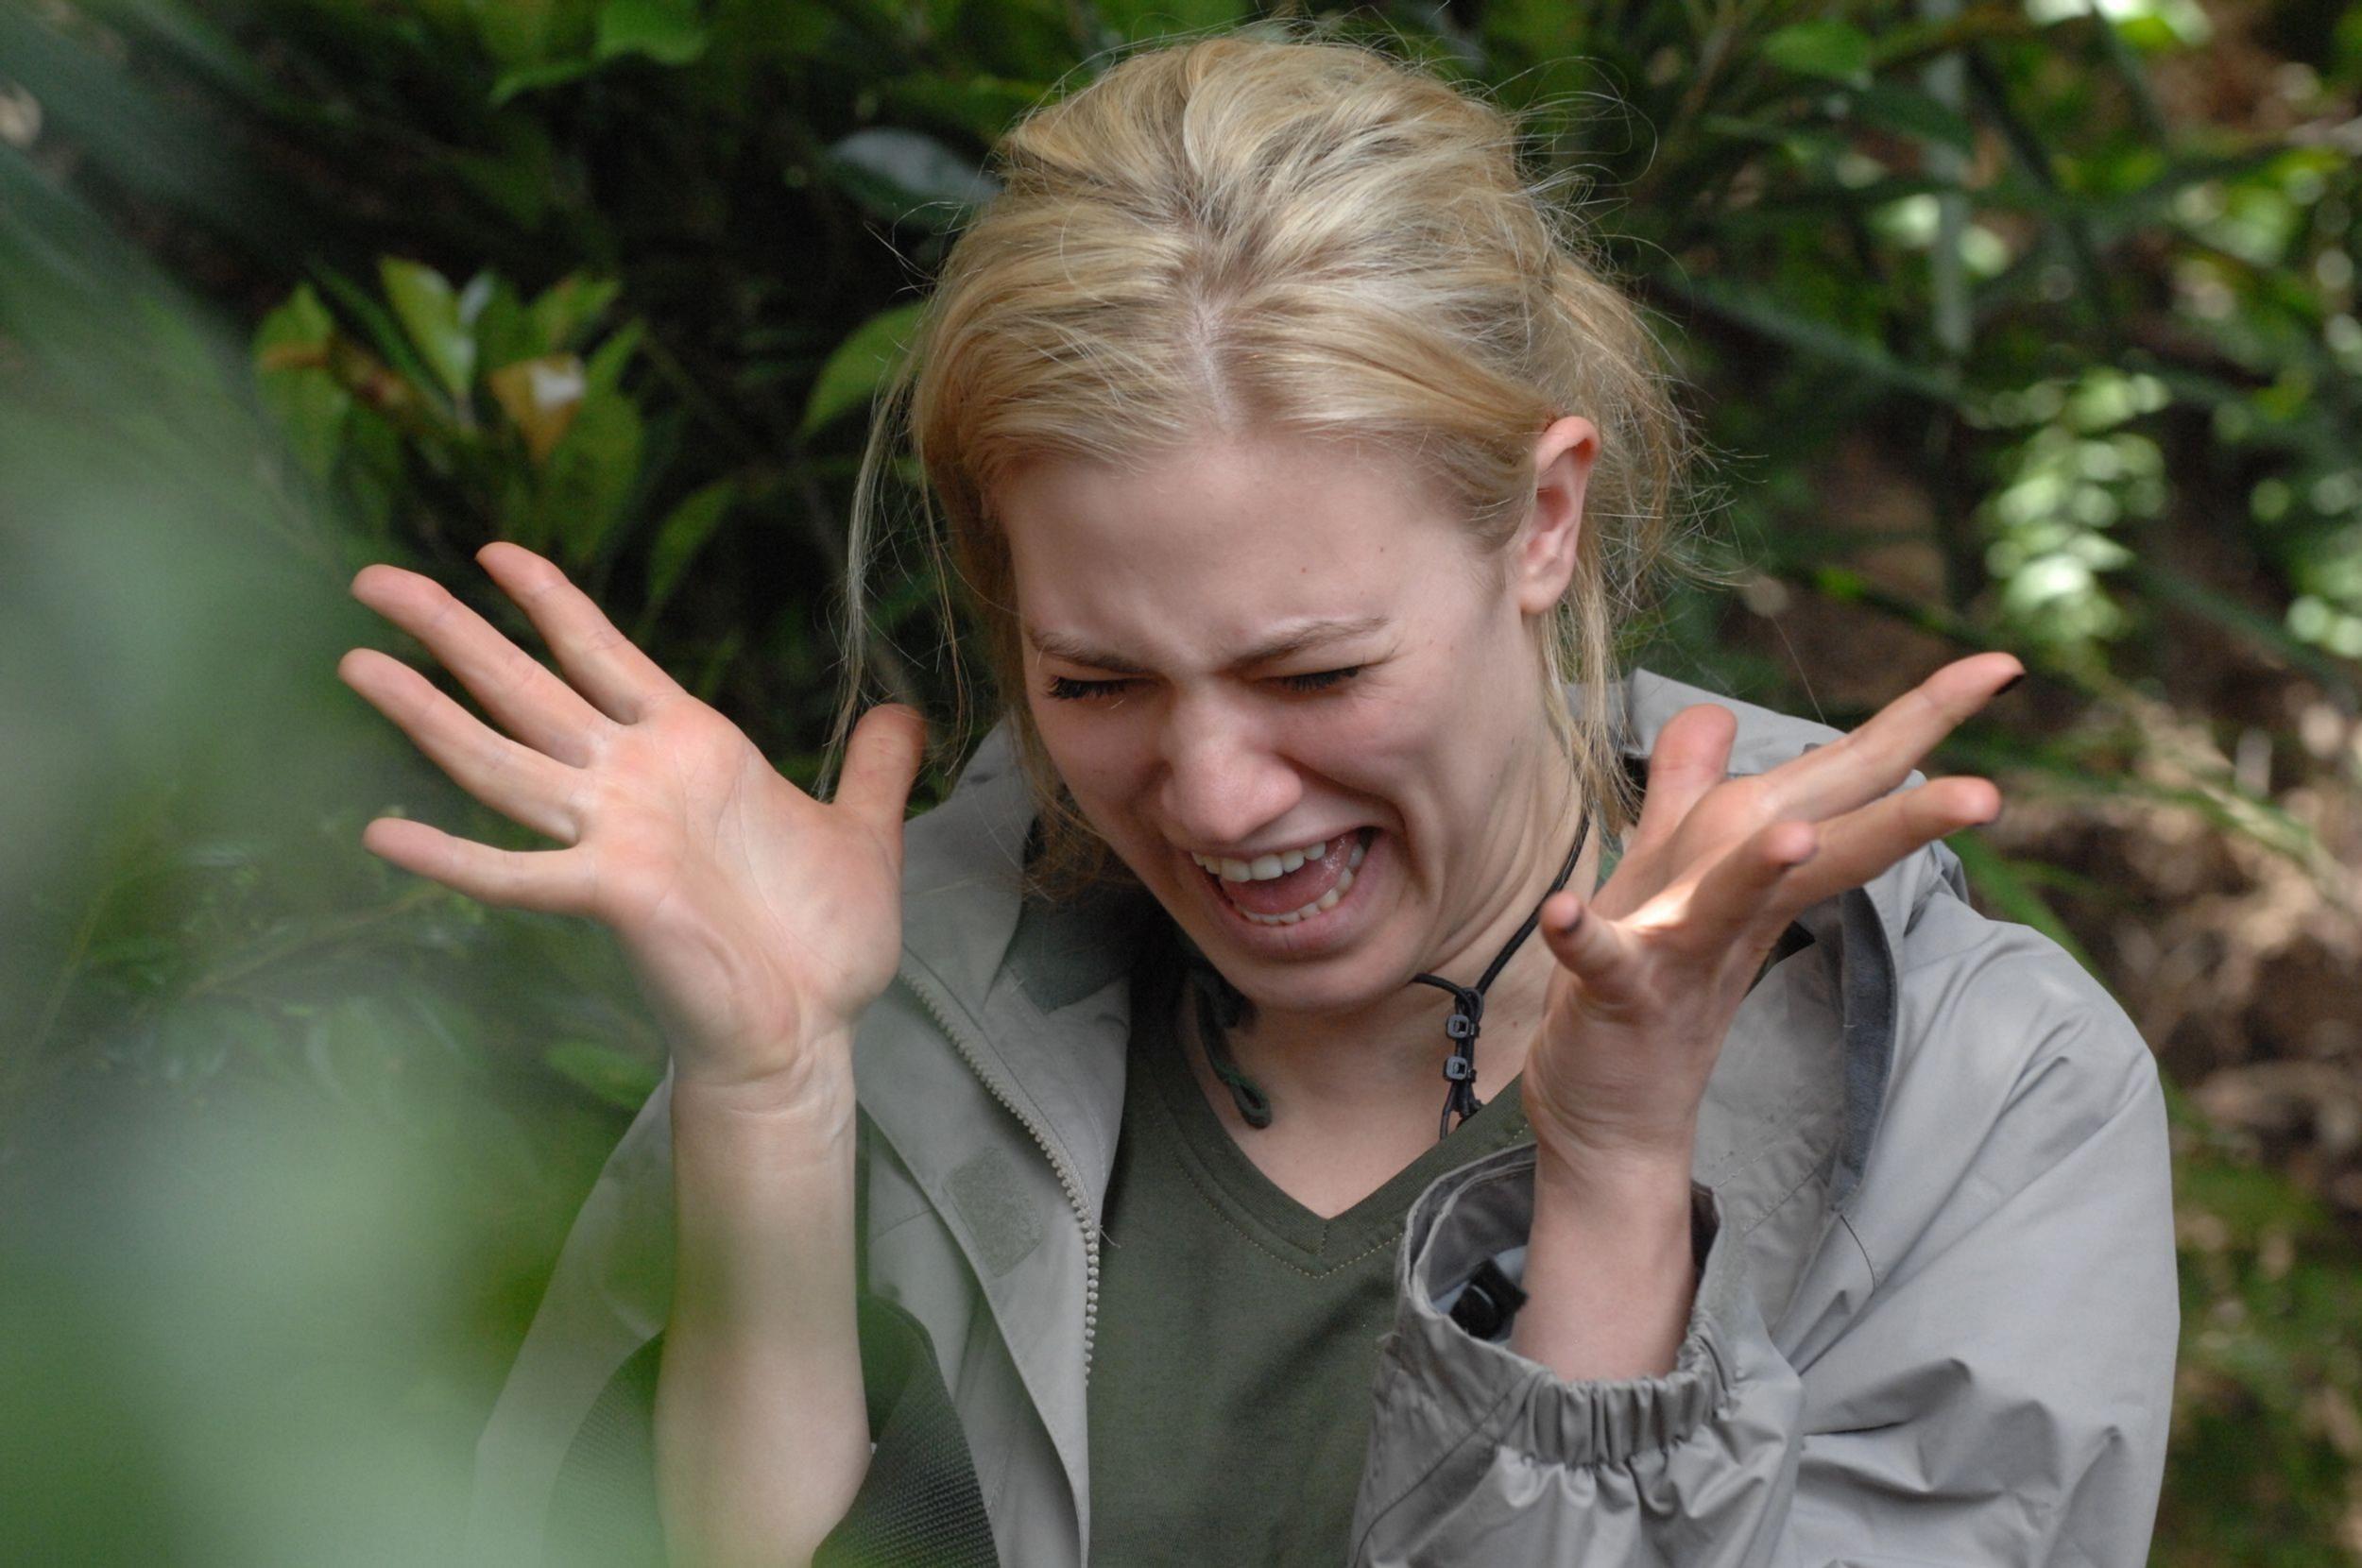 #Larissa in der lustigsten #Dschungelprüfung ever, ever, ever! #Dschungelcamp #Dschungelcamp2014 #IBES #IBES2014 #IBES8 #RTL